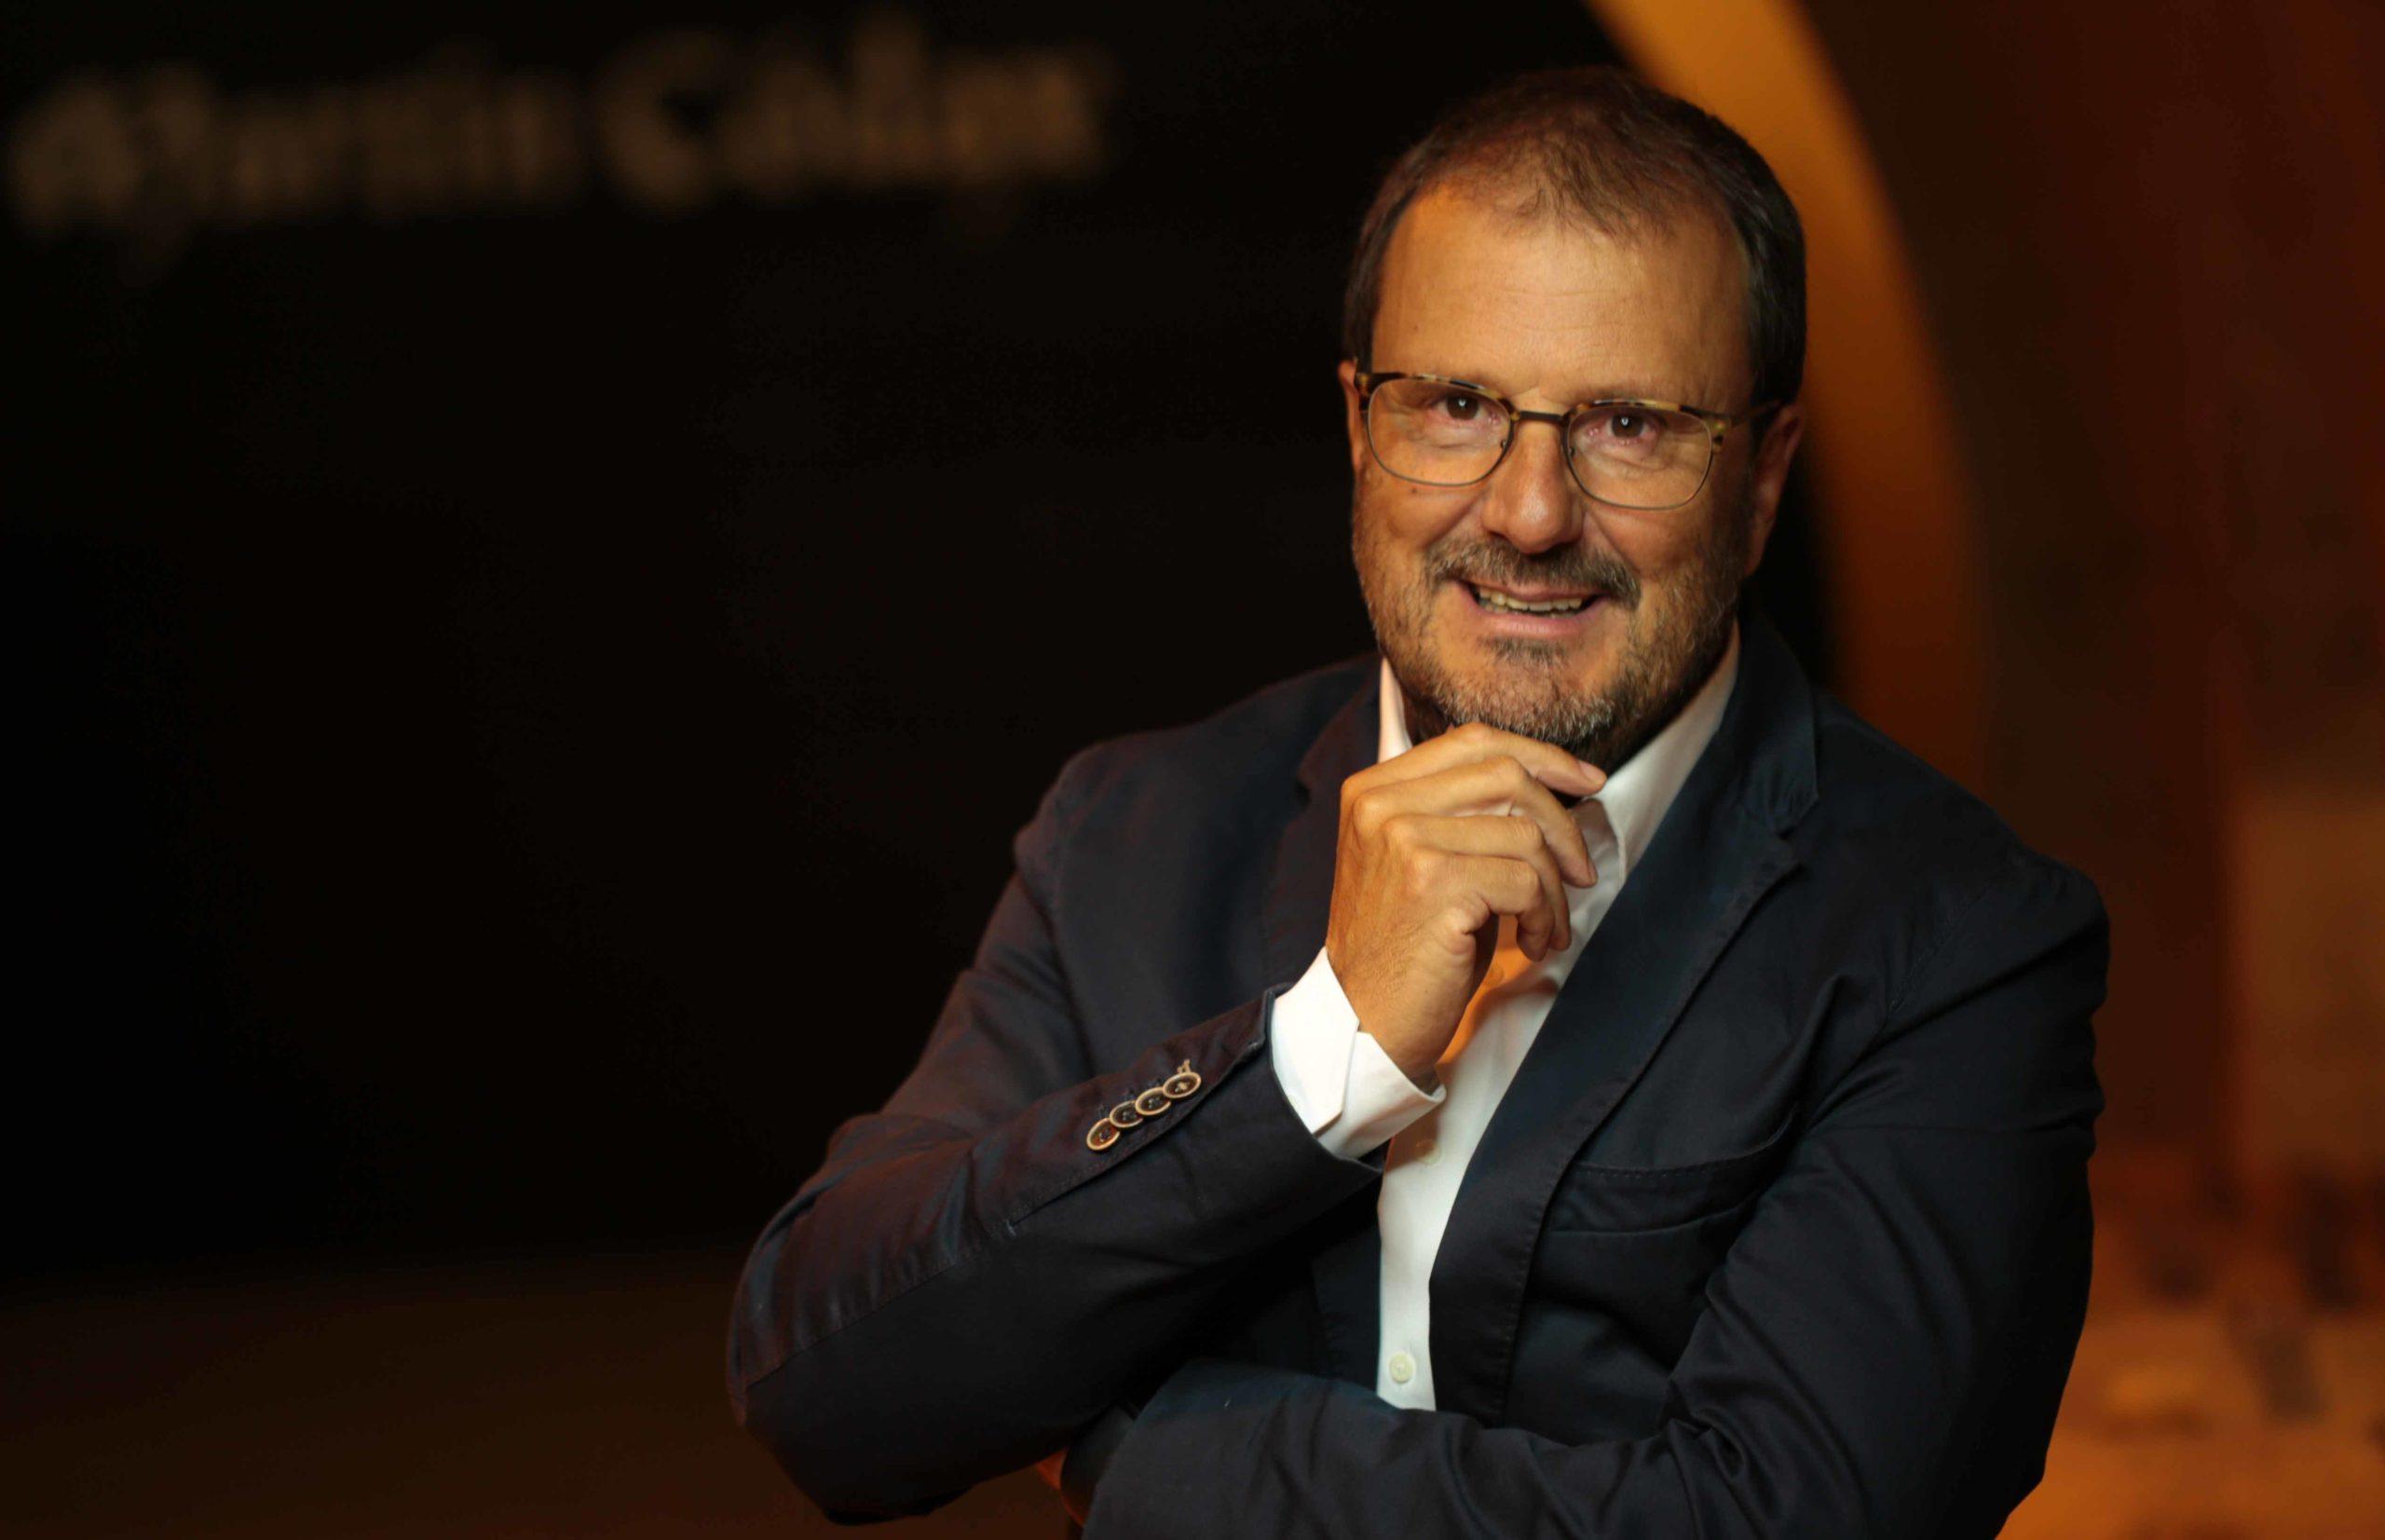 Juan Vázquez, nuevo presidente del Comité de Marketing de la Organización Interprofesional del Vino de España